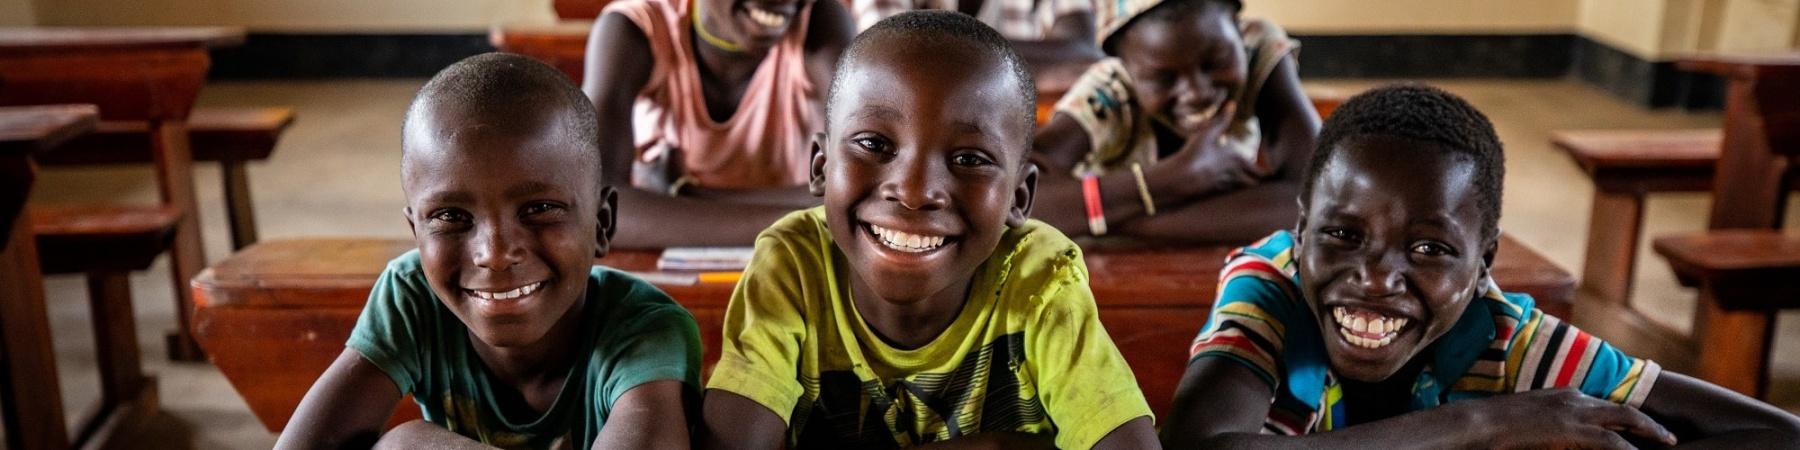 una classe di bambini seduta ai banchi di scuola in Africa, Uganda